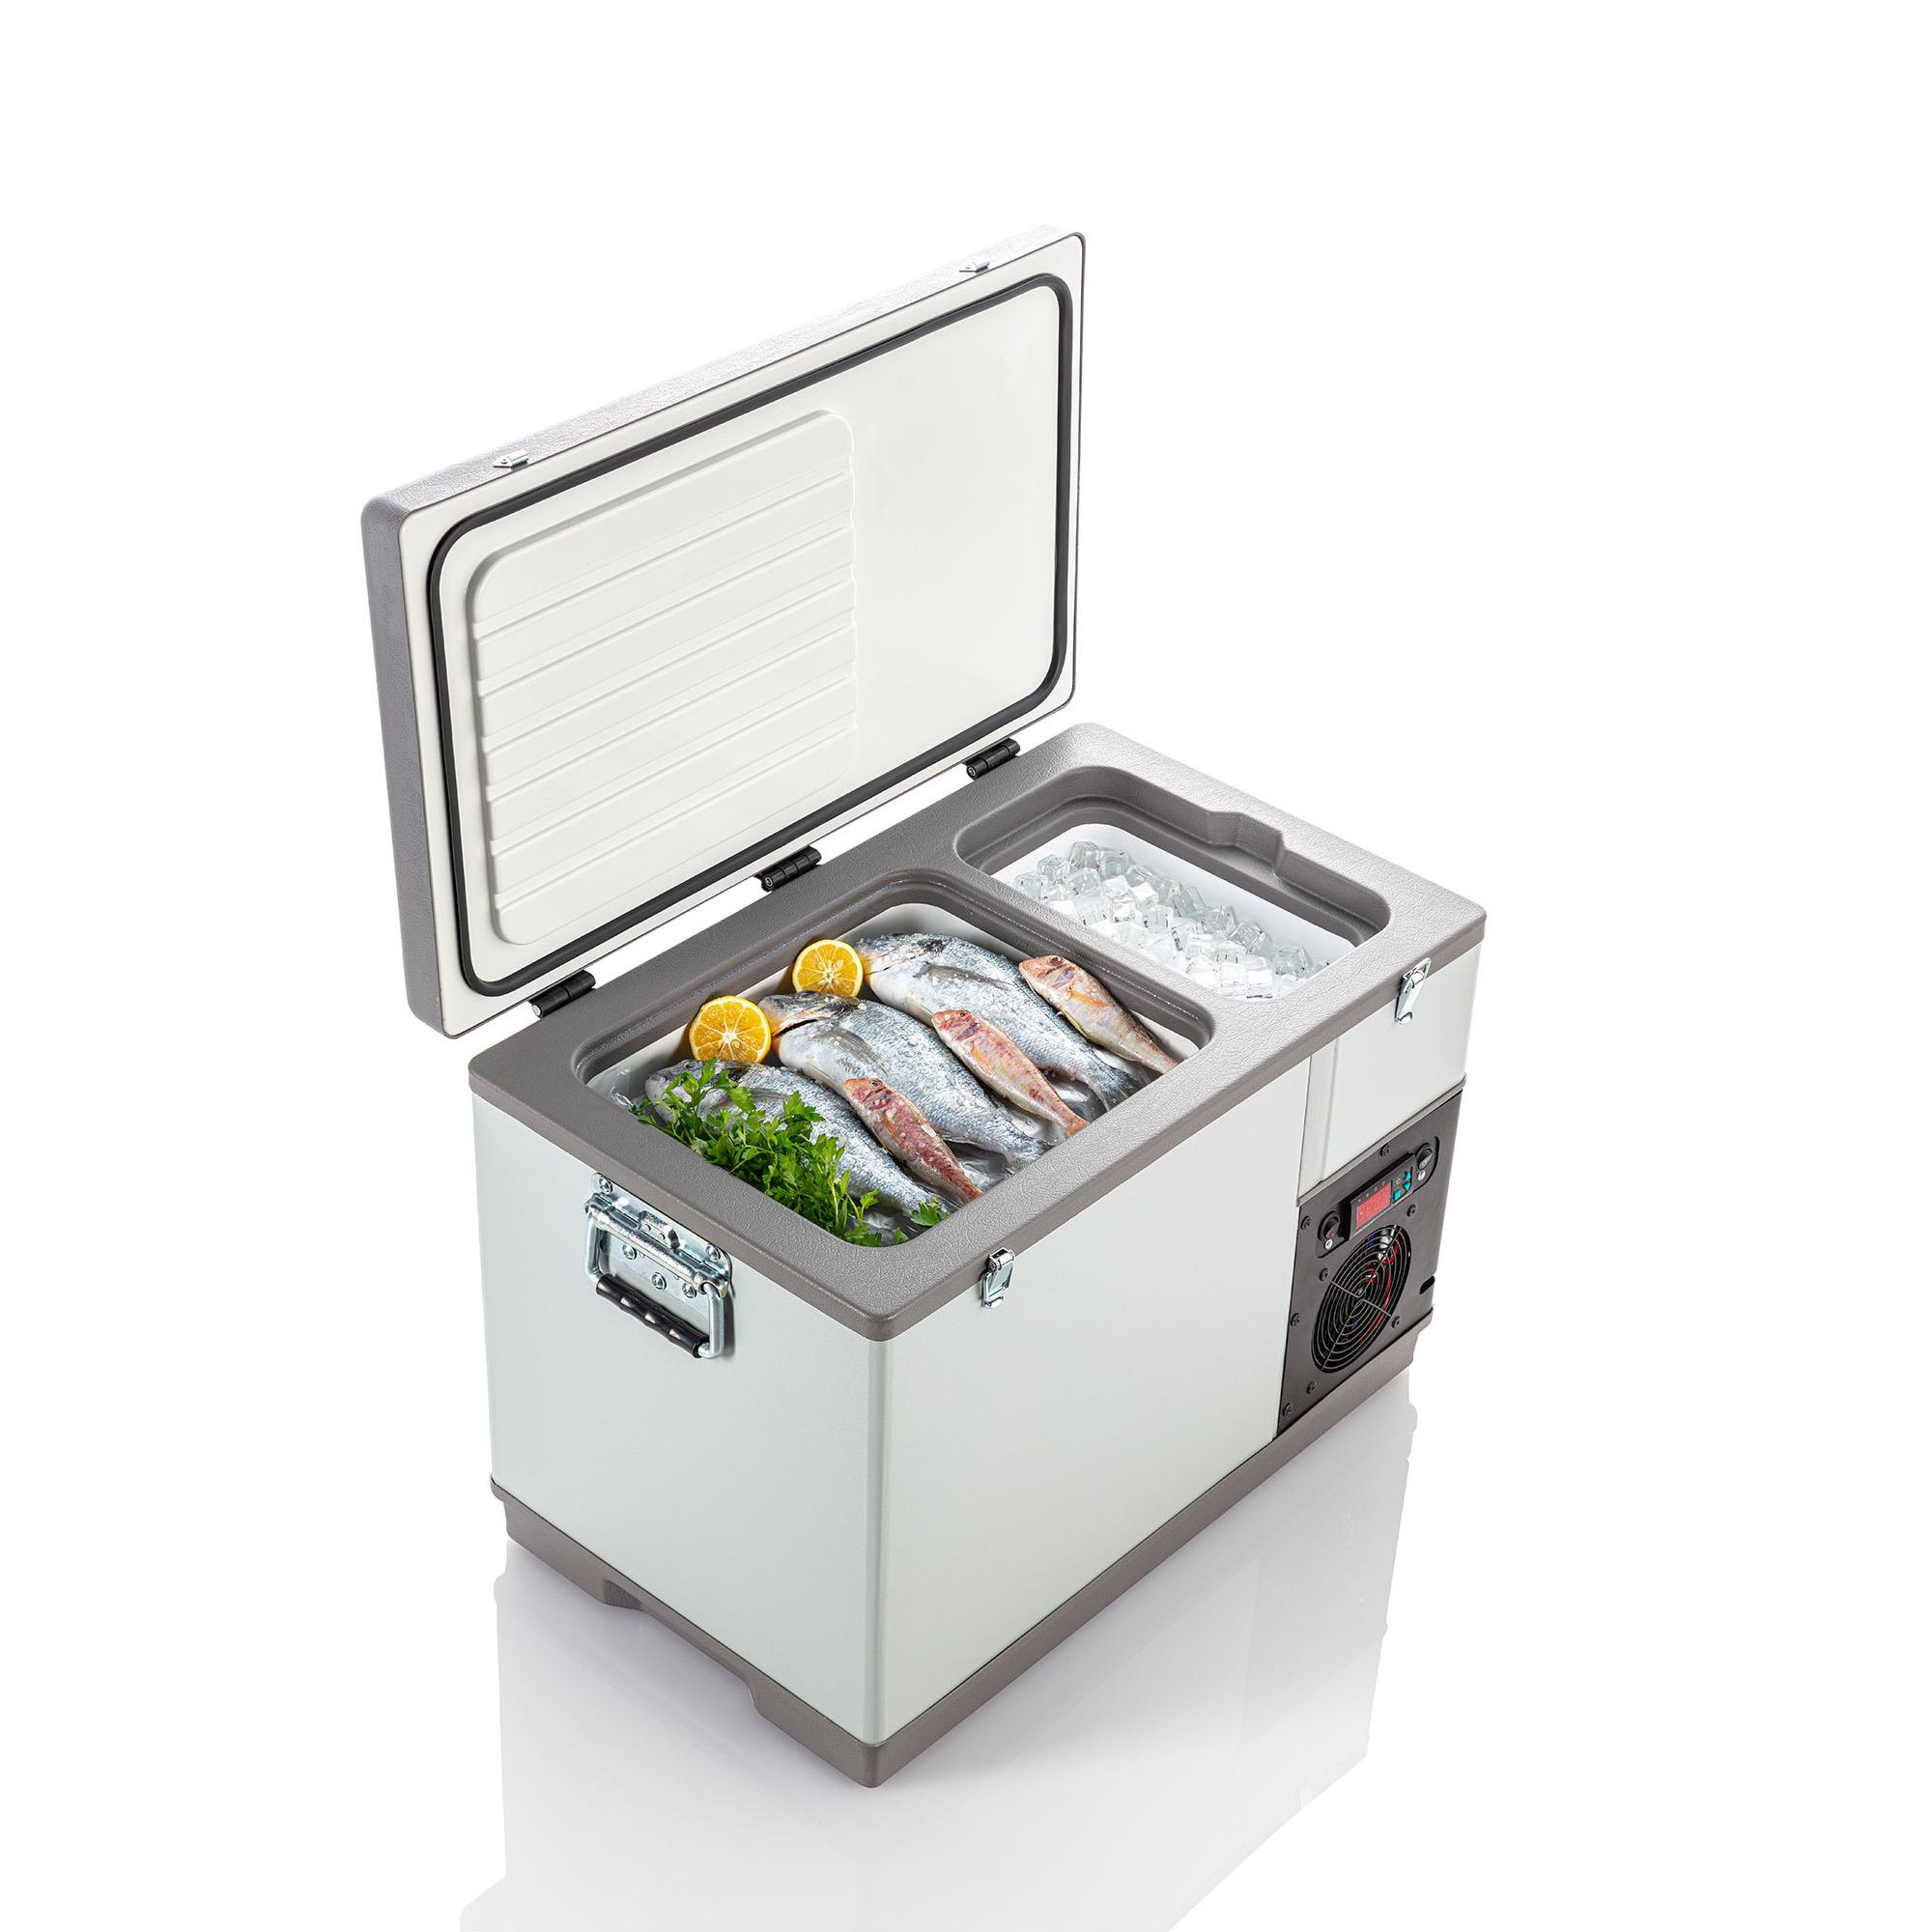 MPM 3846 COMBI 38 LT Soğutucu Araç Buzdolabı